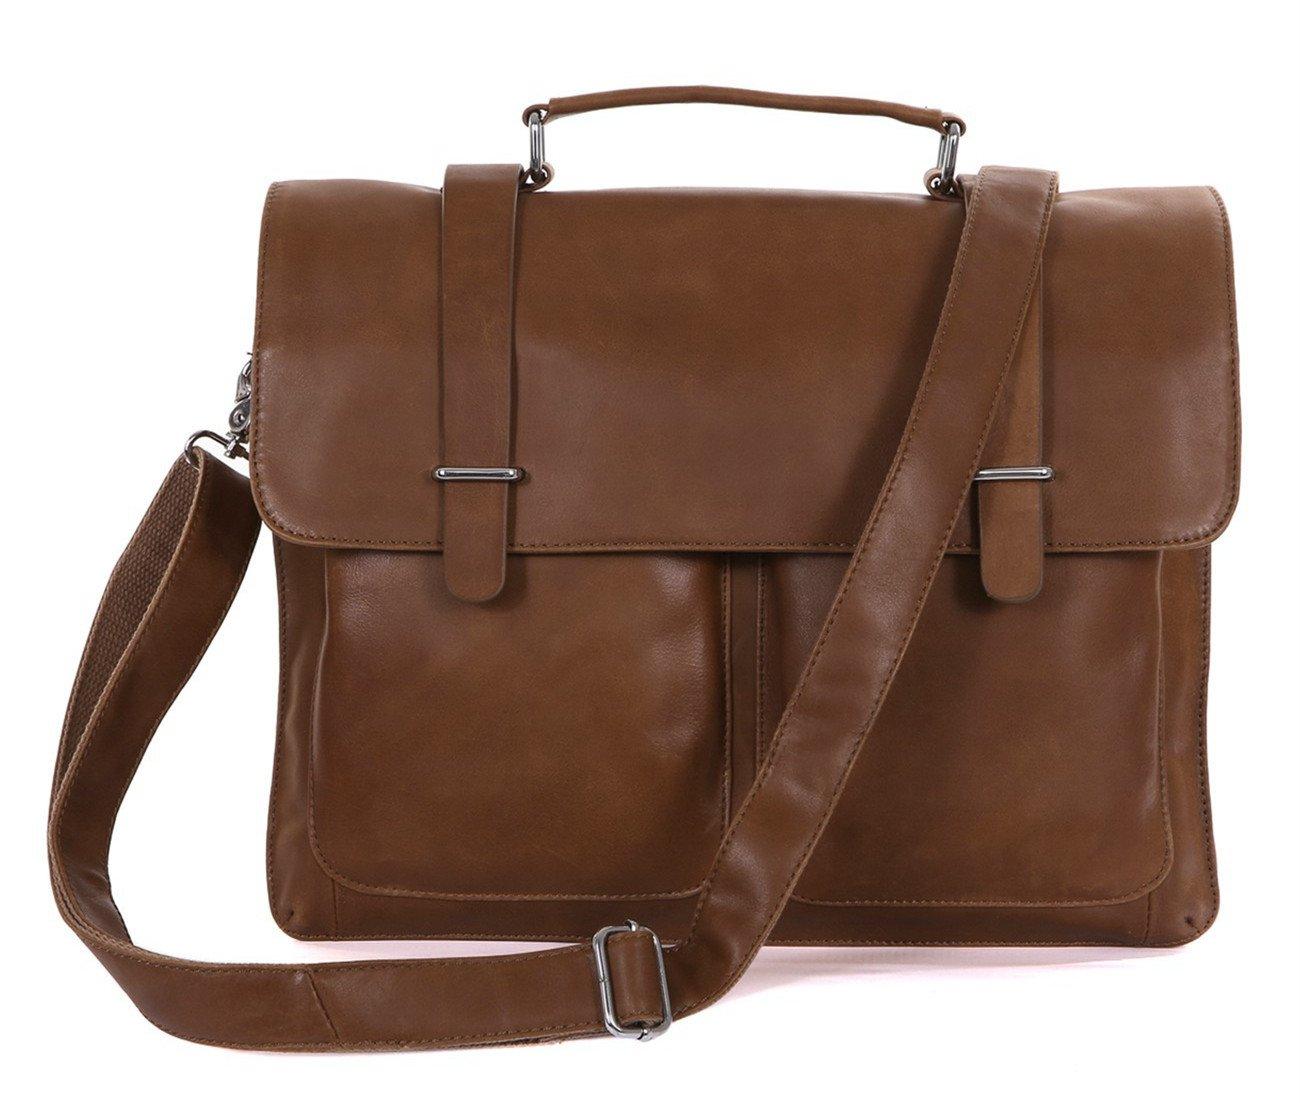 DRF Leather Business Messenger Bag Satchel Briefcase for Men Laptop Office Bag BG-263 (Brown) by DRF (Image #1)